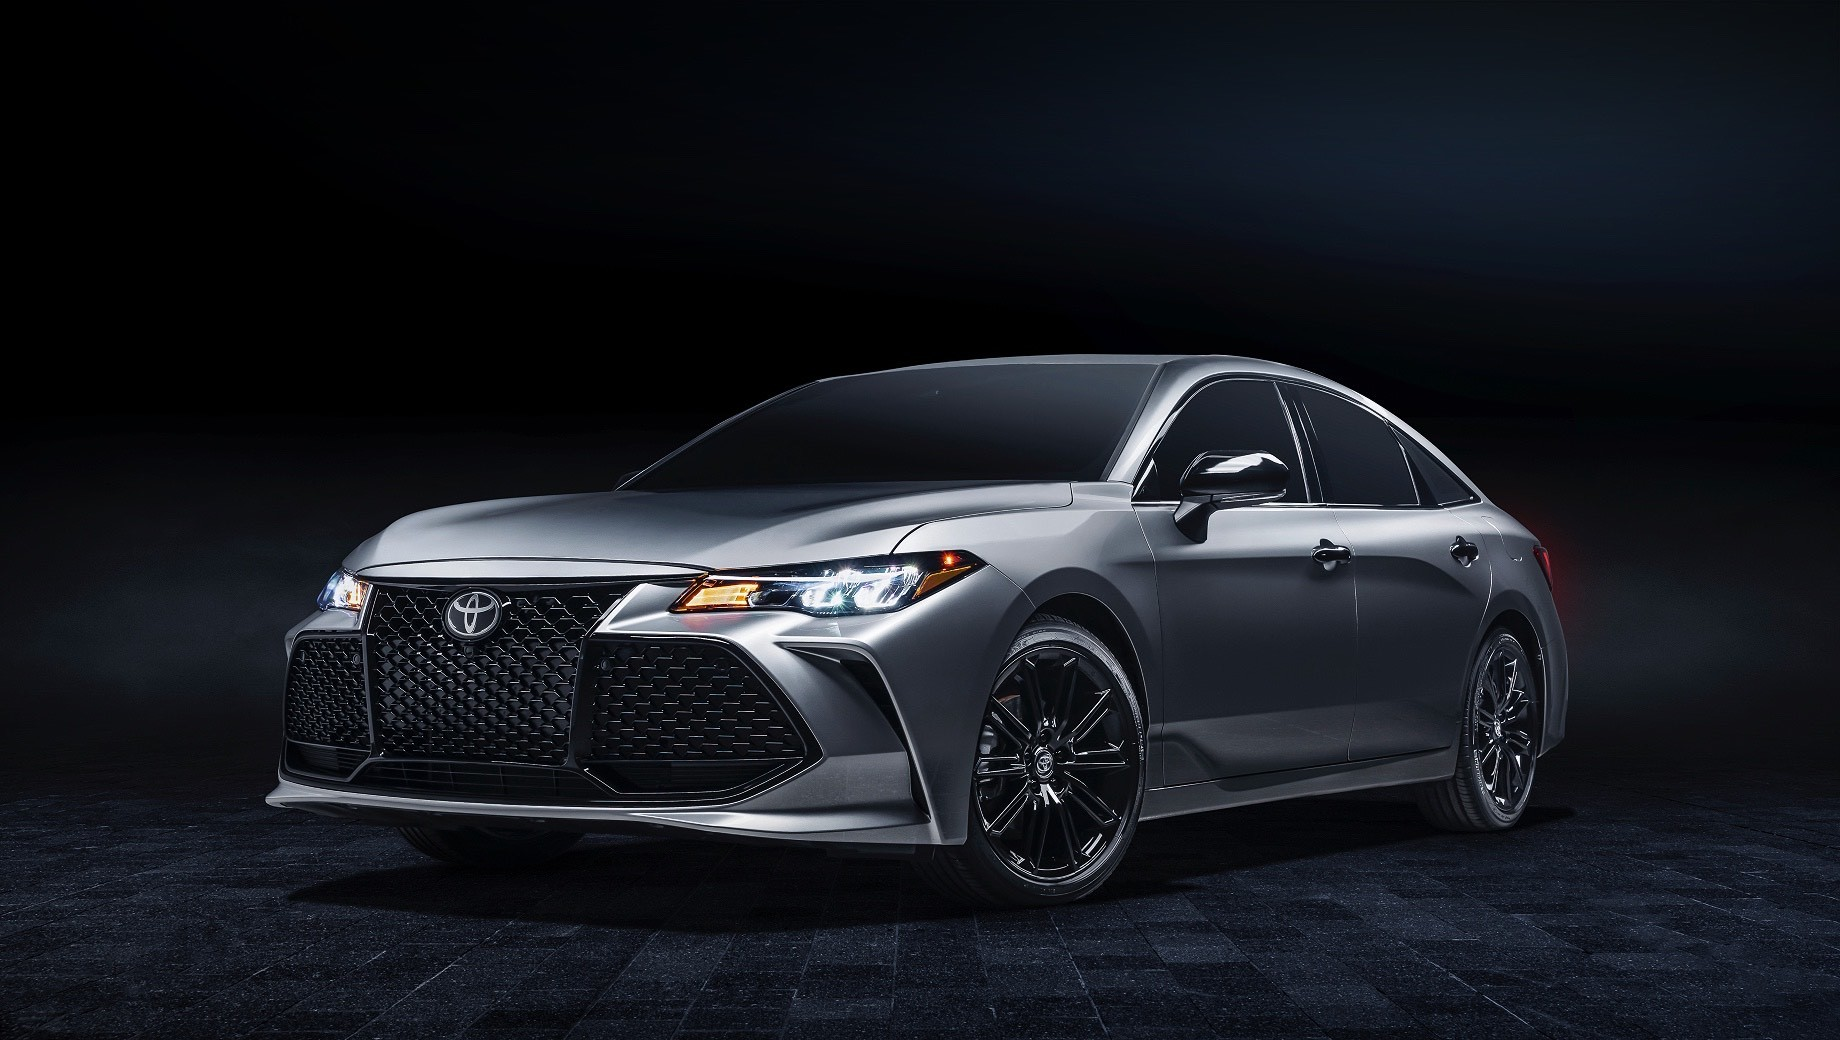 Toyota avalon. В списке обновлений у Авалонов 2021 модельного года не только новая версия Nightshade Edition (на фотографии), но и новые цвета кузова для стандартных машин, а также литиево-ионная батарея вместо никель-металлогидридной на гибридном седане Avalon Hybrid.